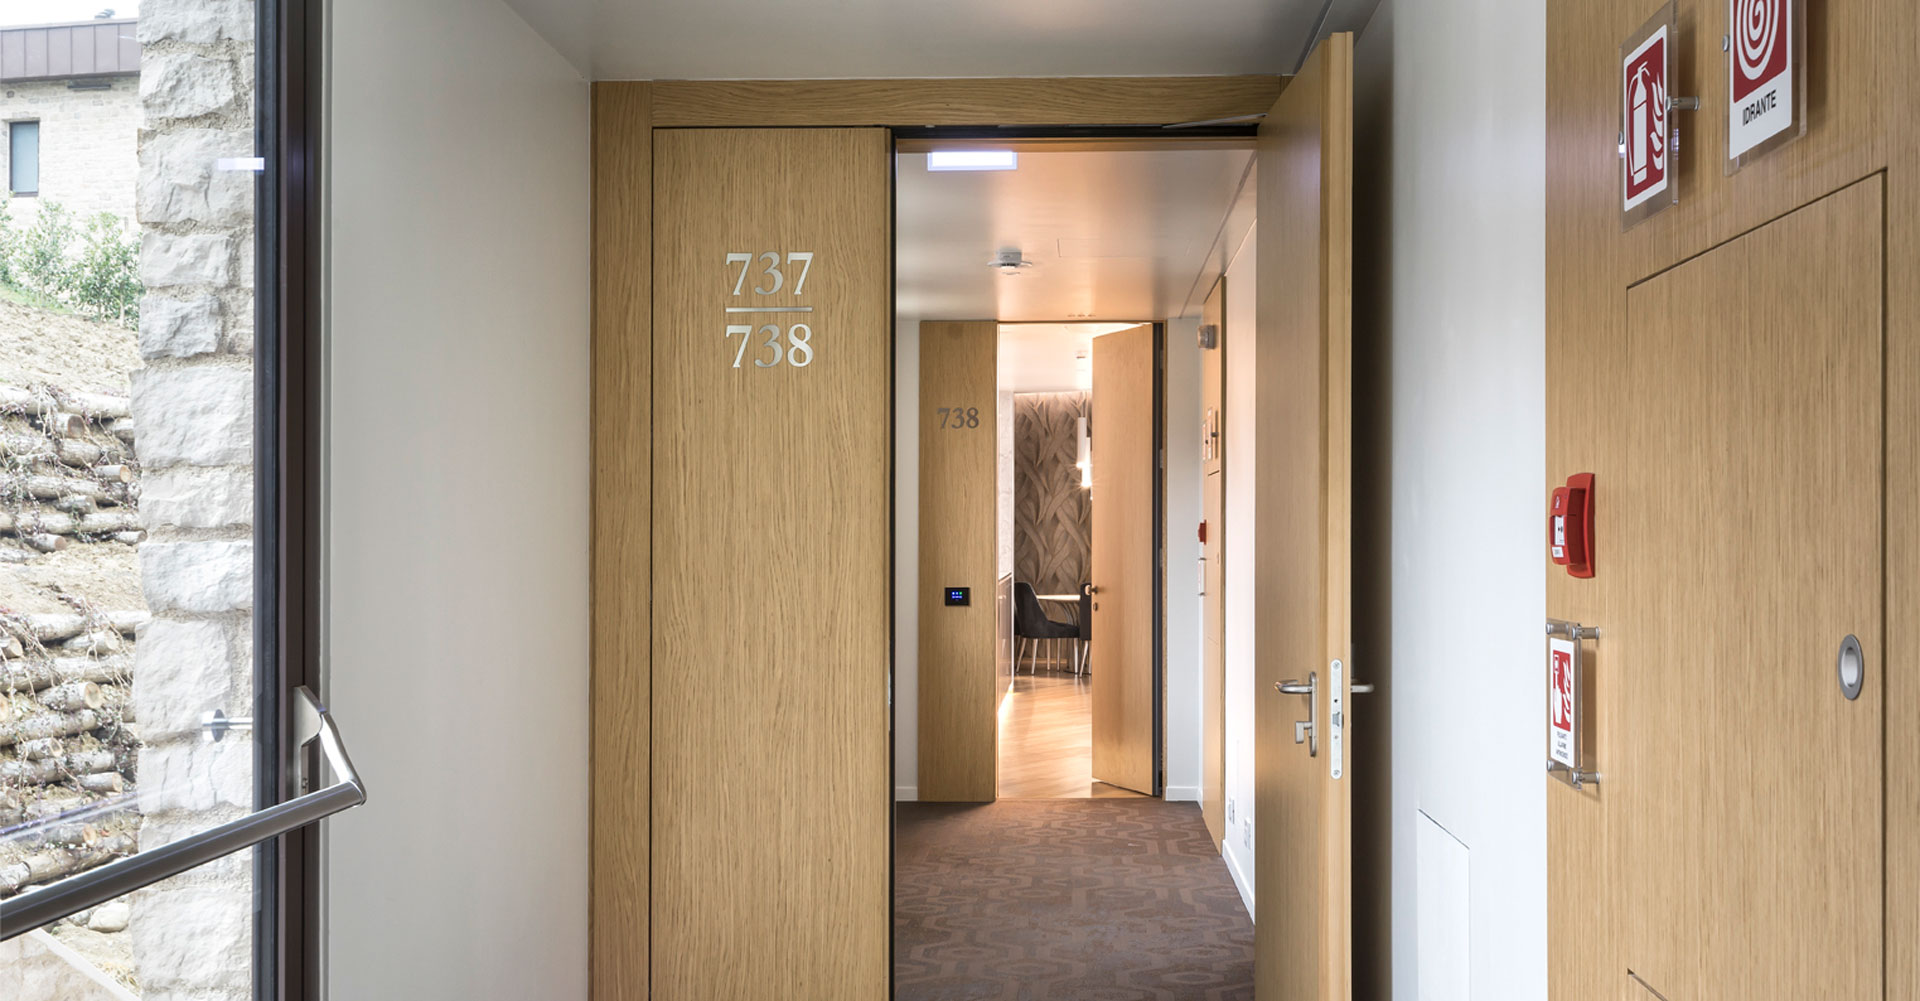 porte-per-hotel-mancini-rappresentanze